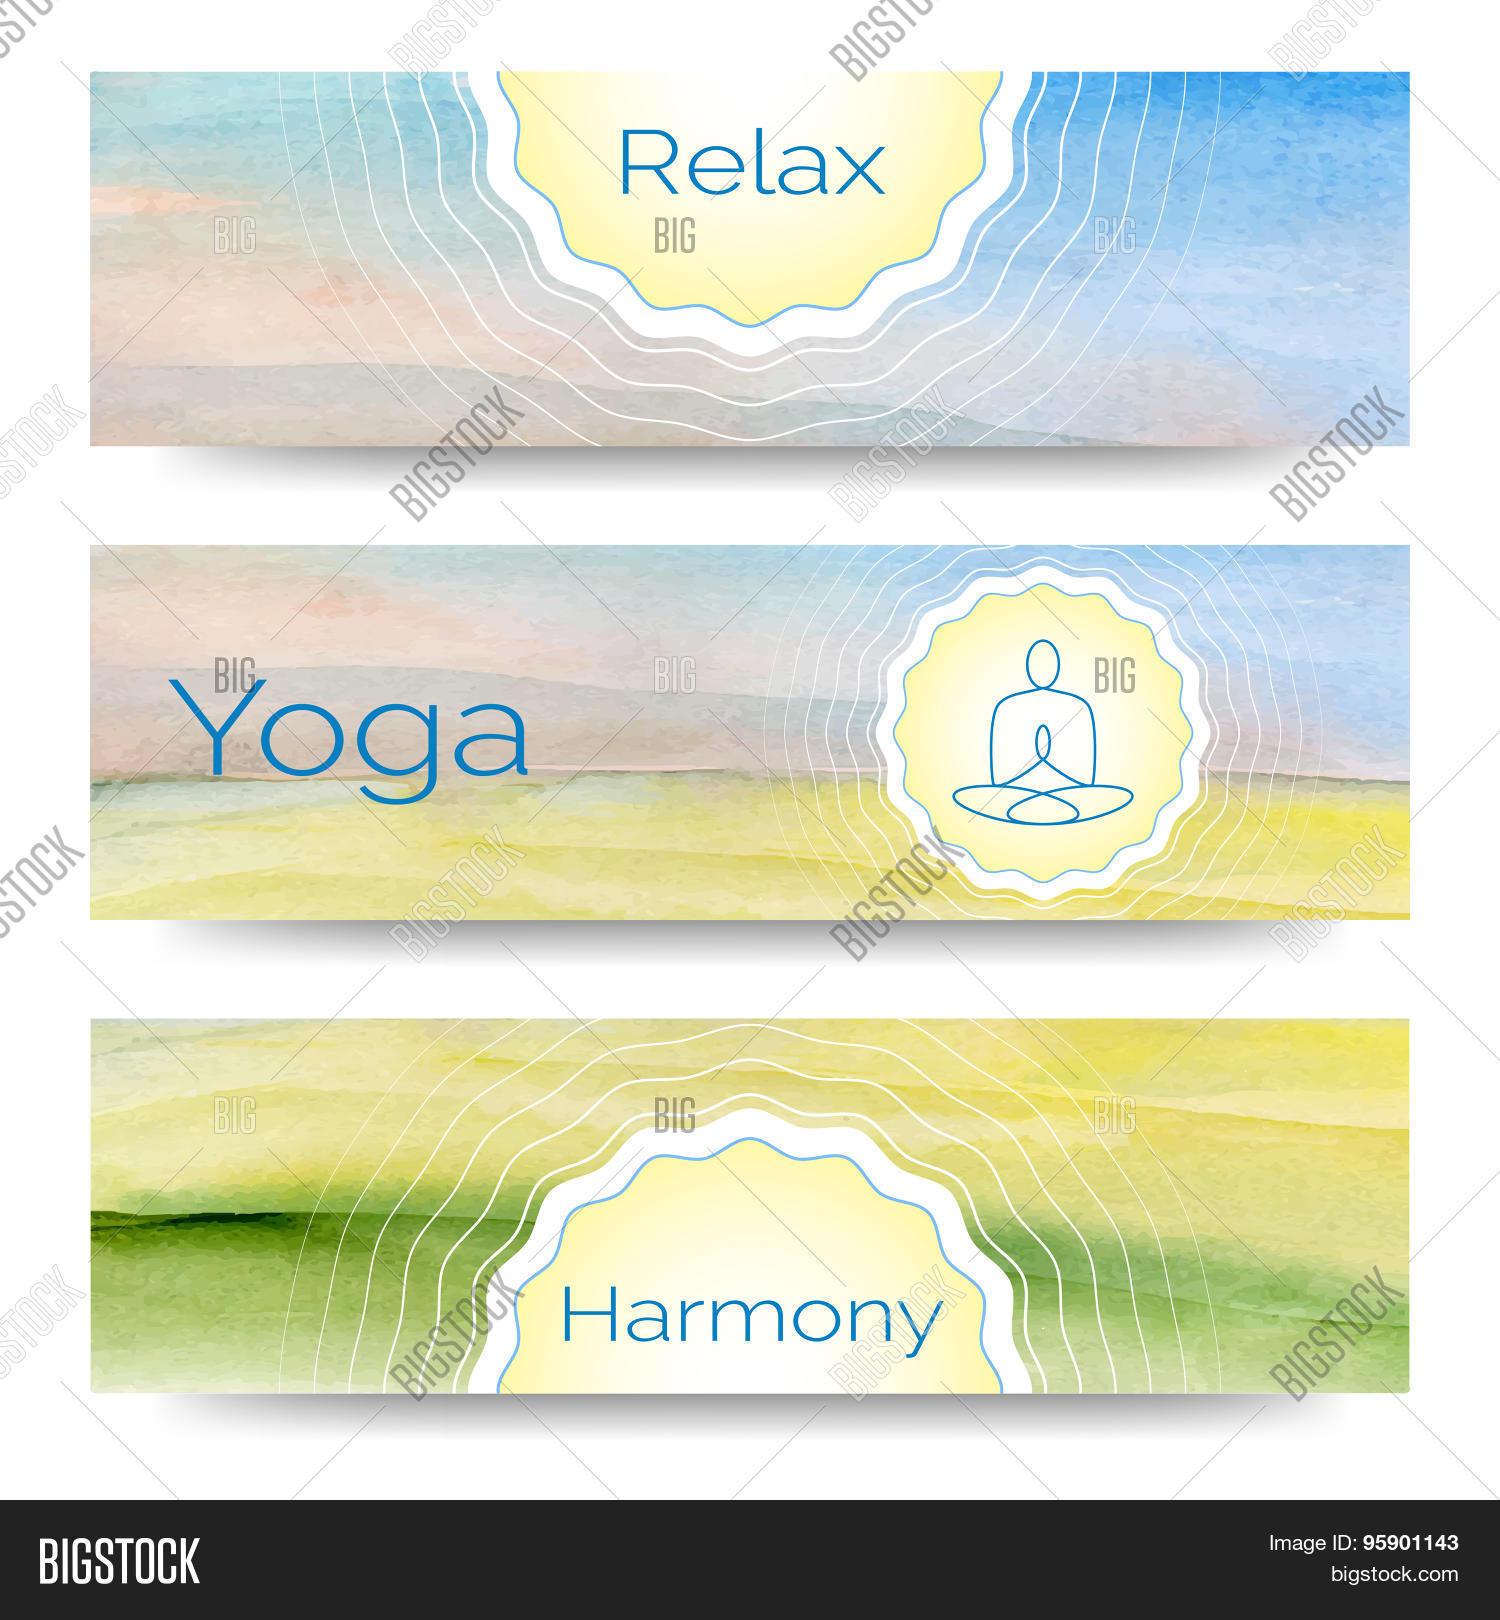 Yoga One Seekonk Ma